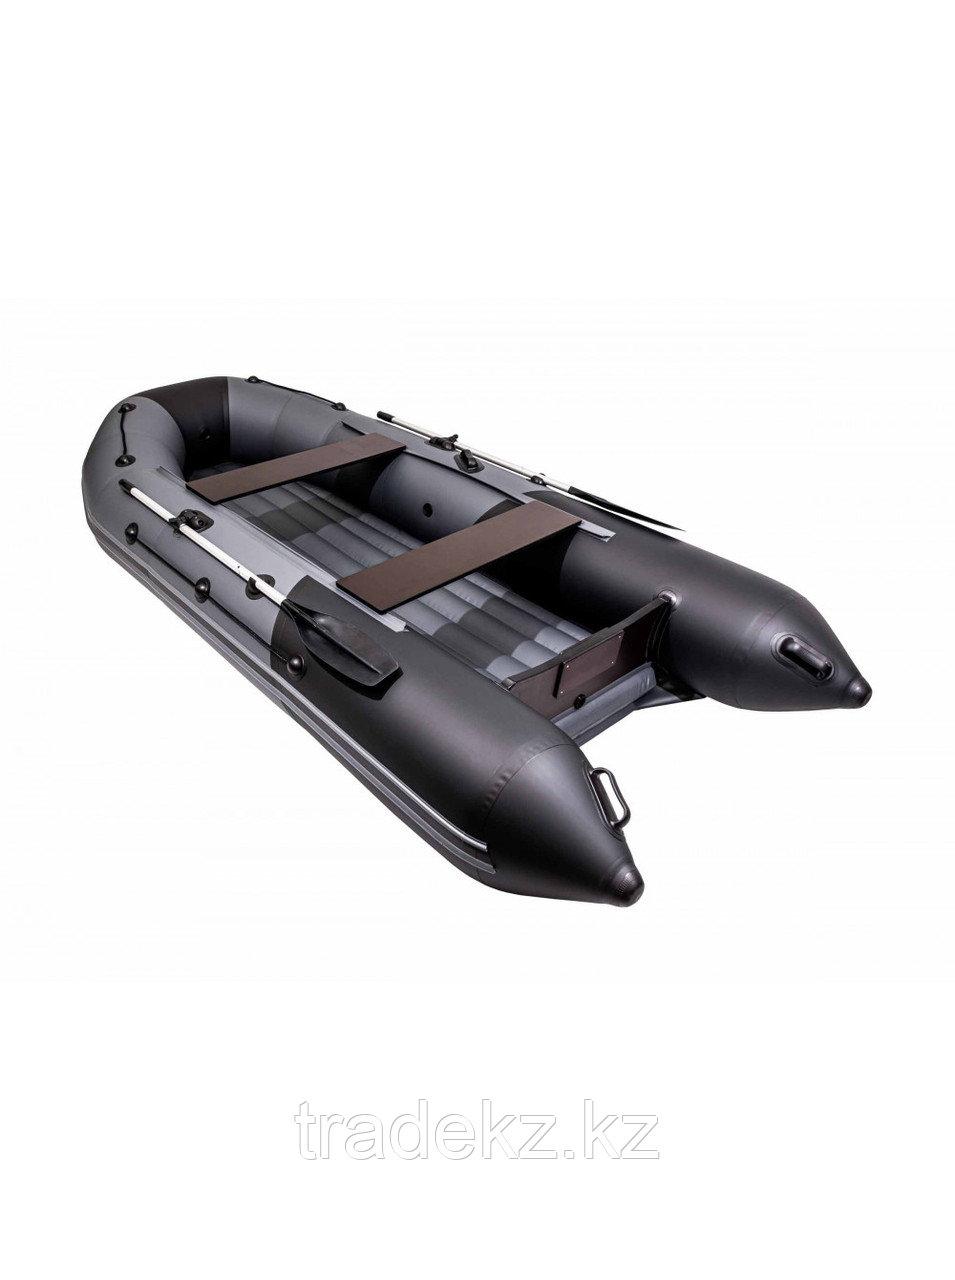 Лодка ПВХ Таймень NX 3600 НДНД PRO графит/черный